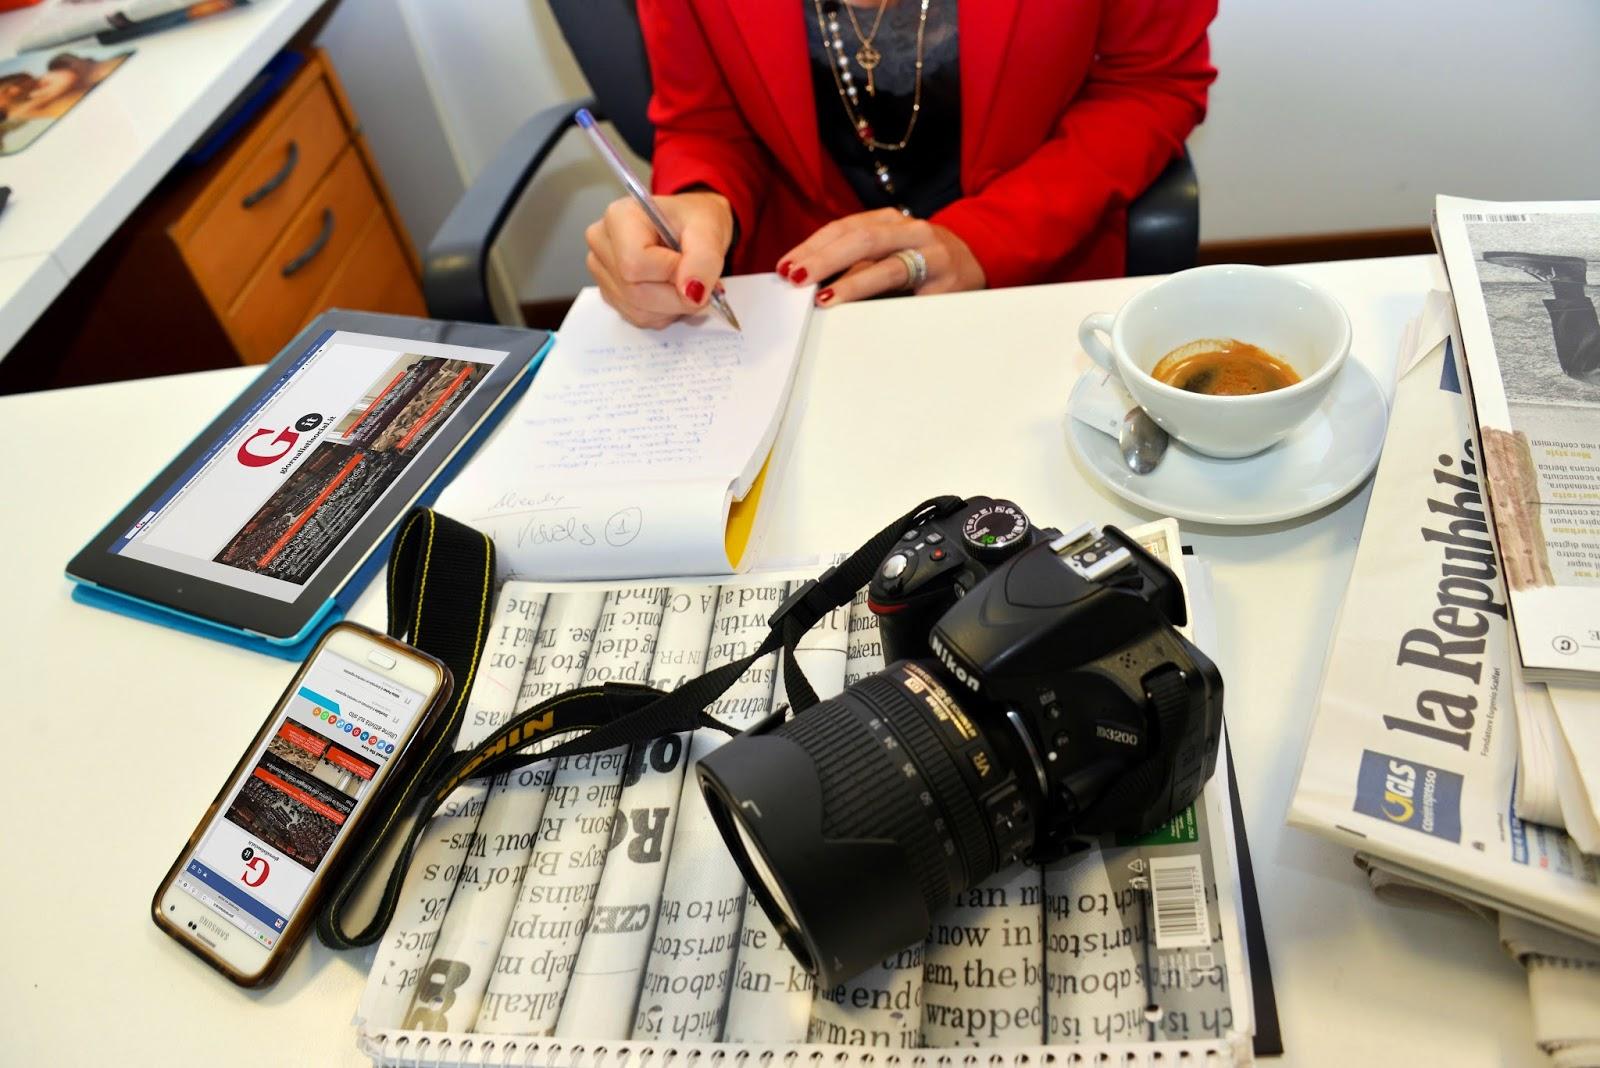 Giornalisti italiani sempre più social, ma la strada verso la multimedialità è ancora lunga